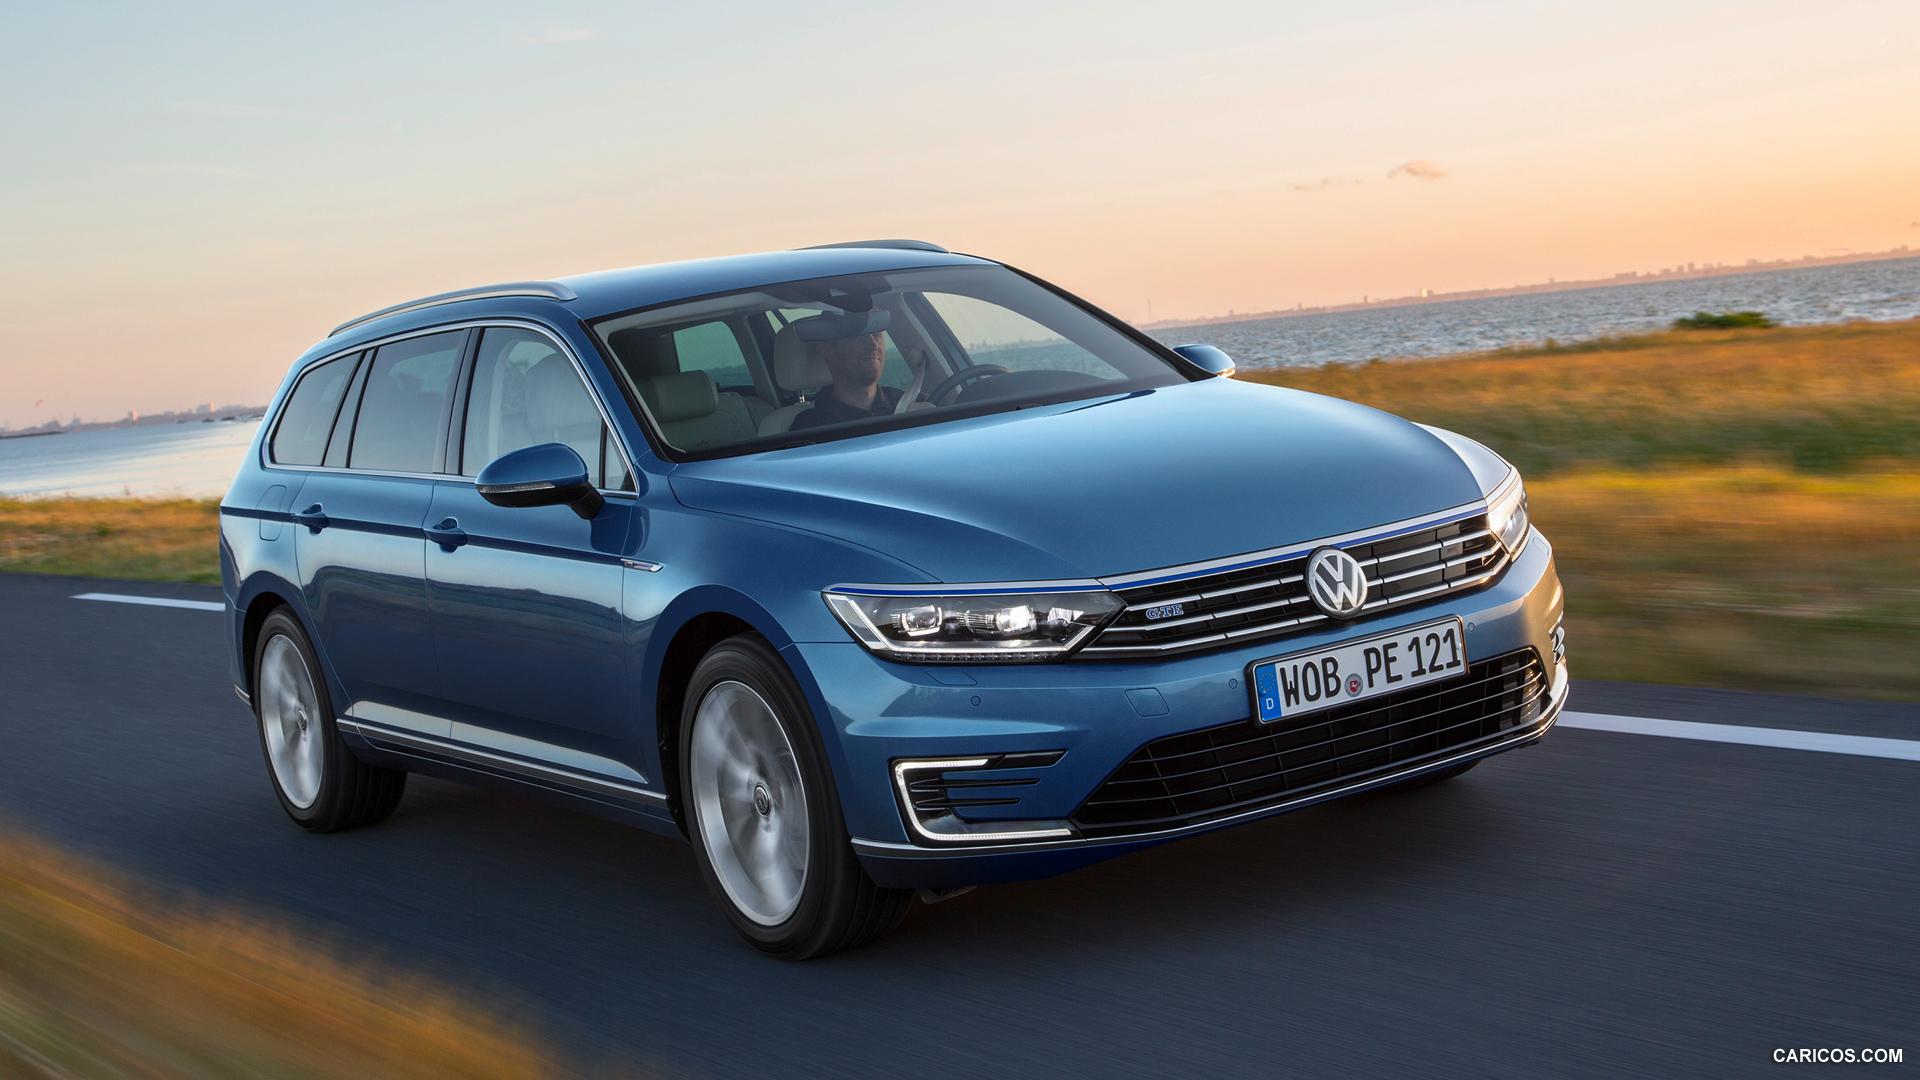 Laadpaal plaatsen voor een Volkswagen Passat GTE? - ENGIE